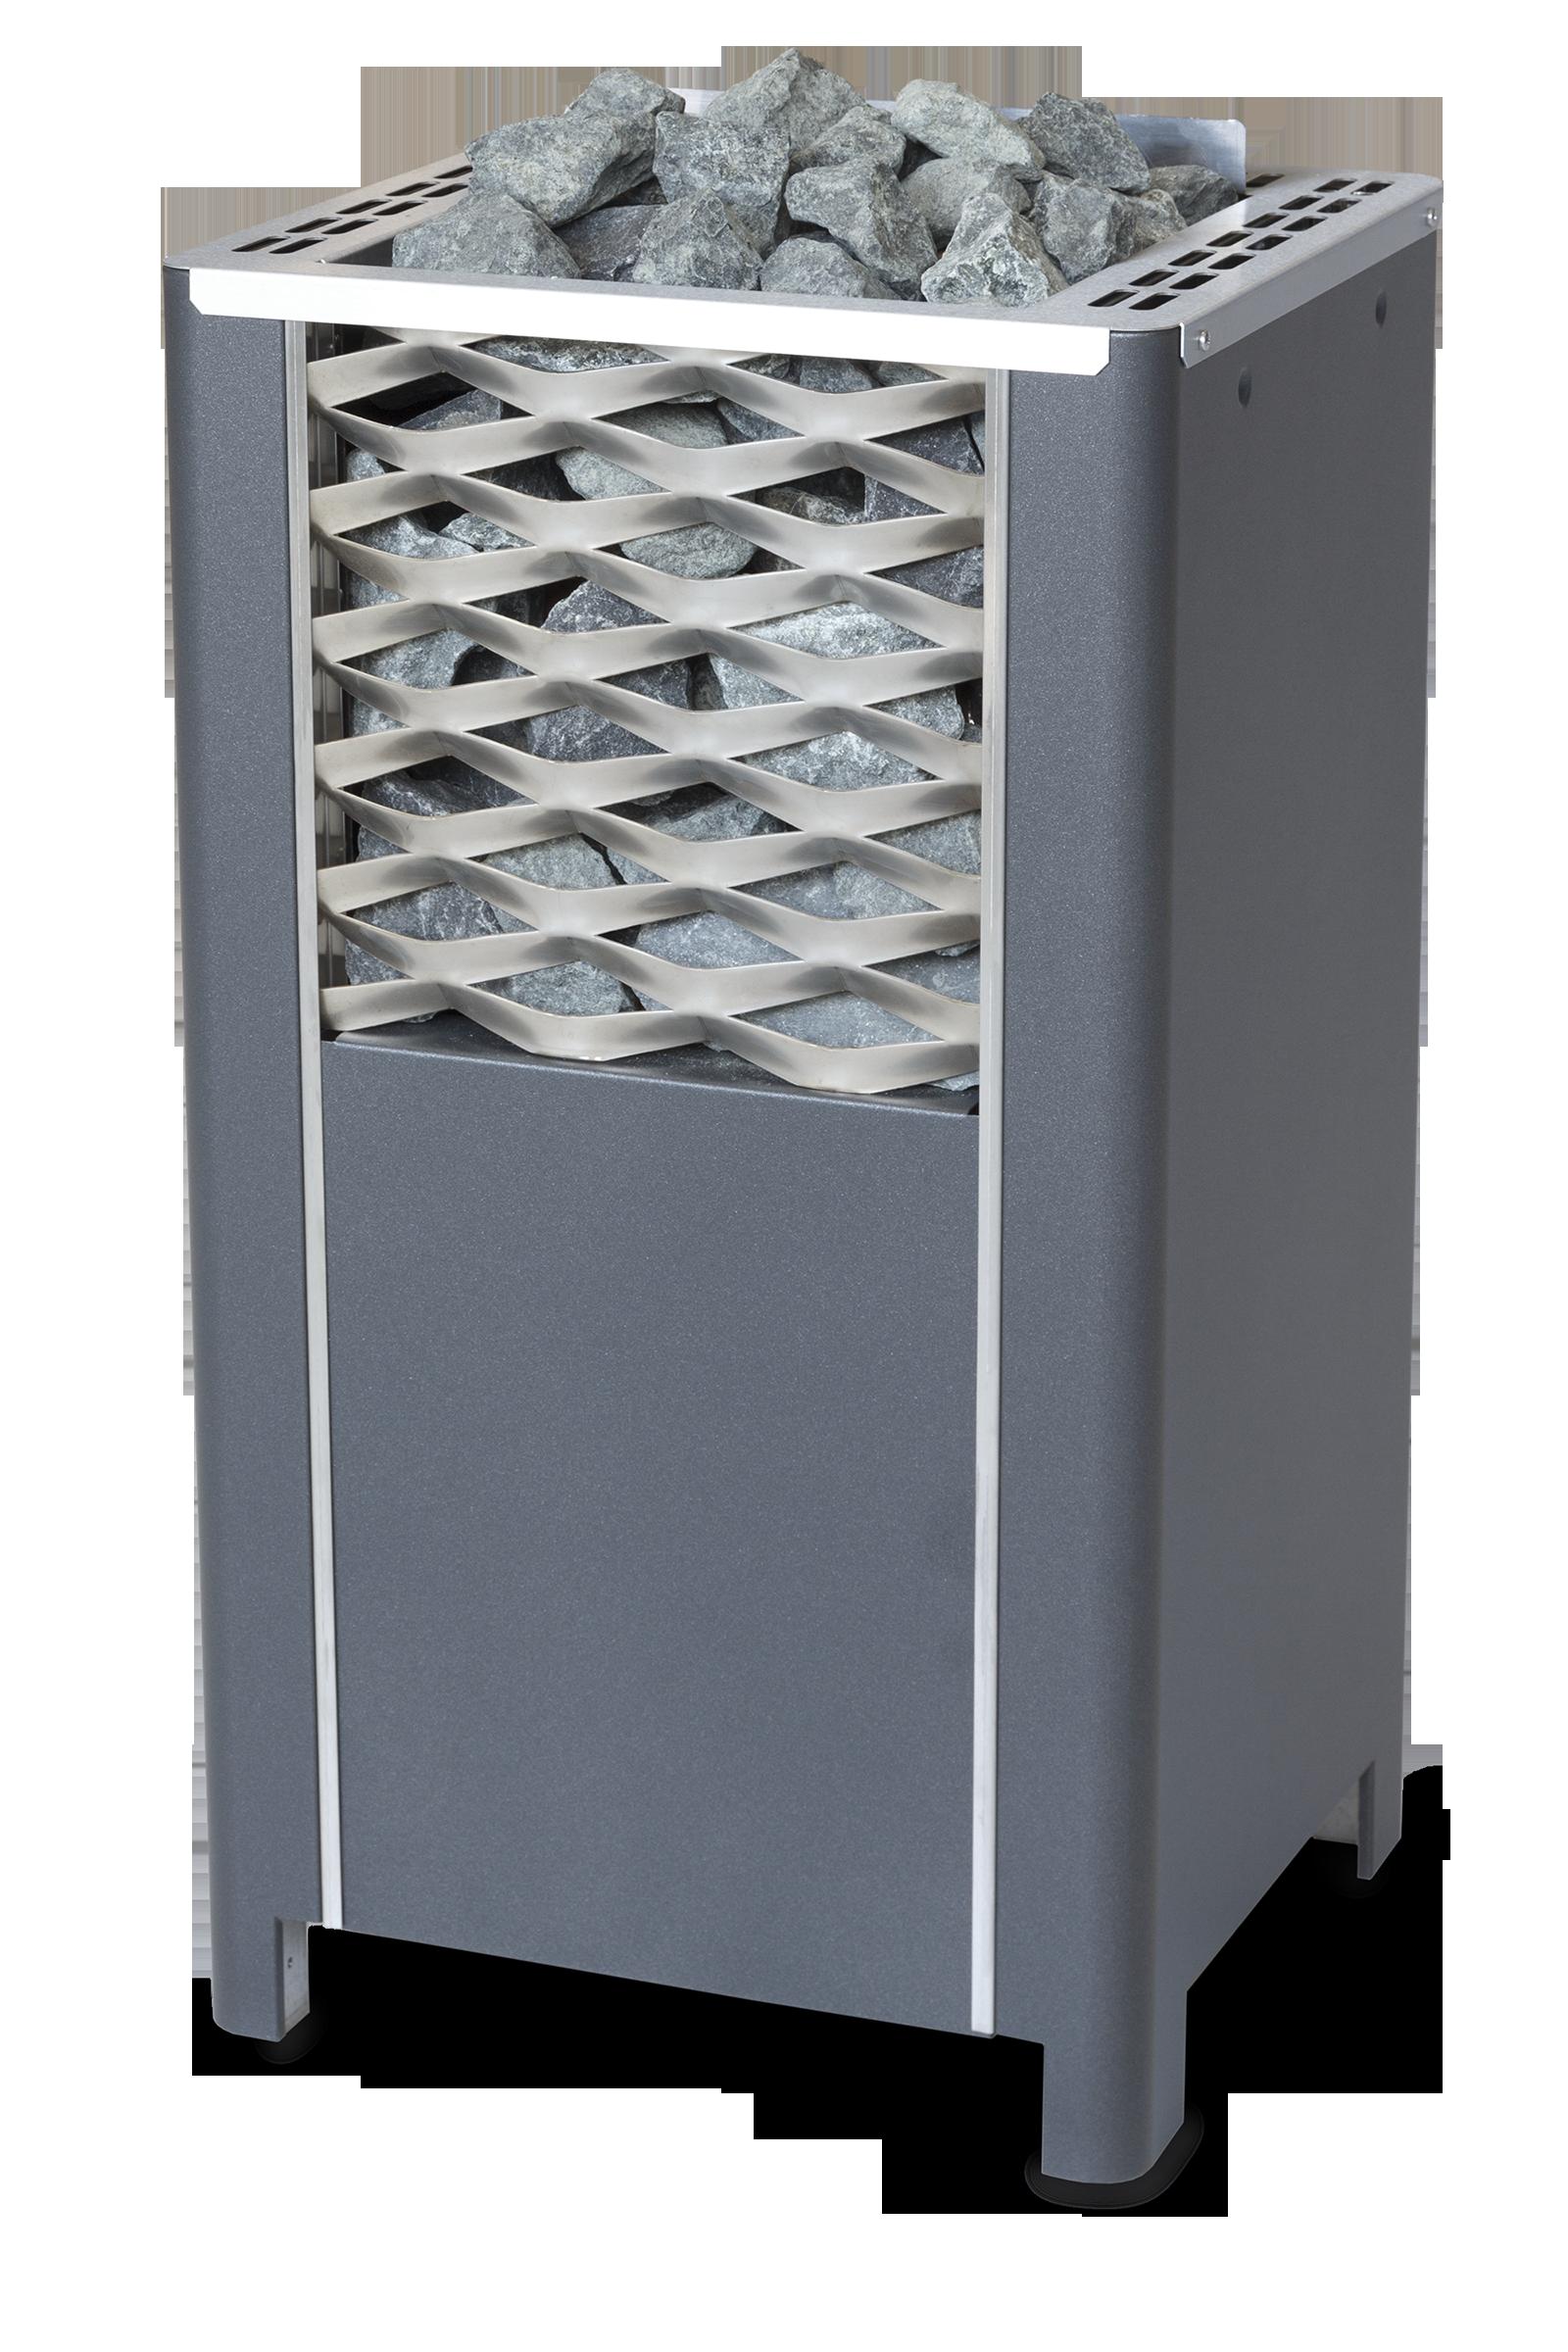 EOS Finnrock 12,0 kW Standofen 945719